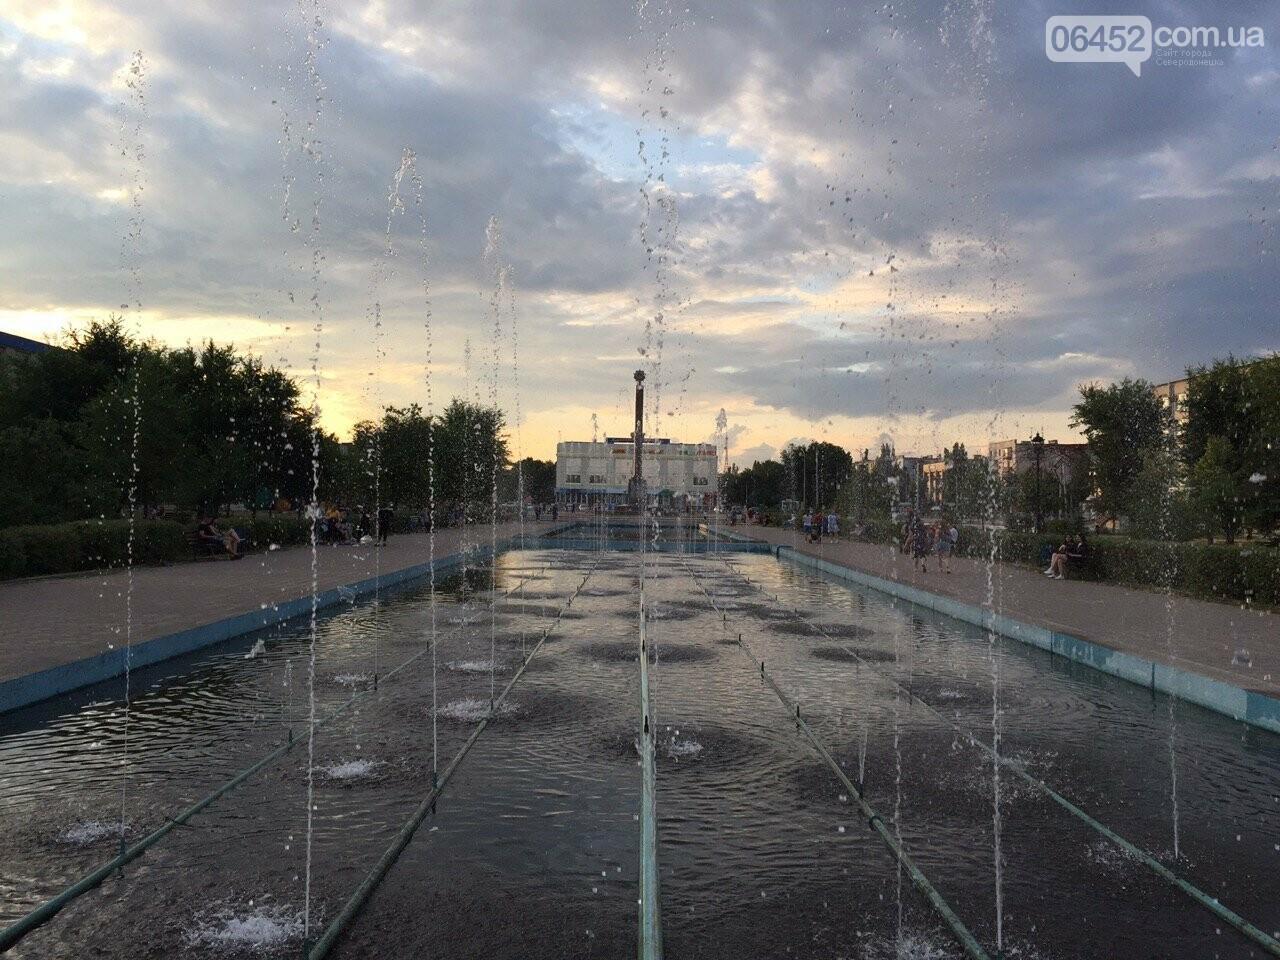 Северодонецк - город фонтанов, фото-6